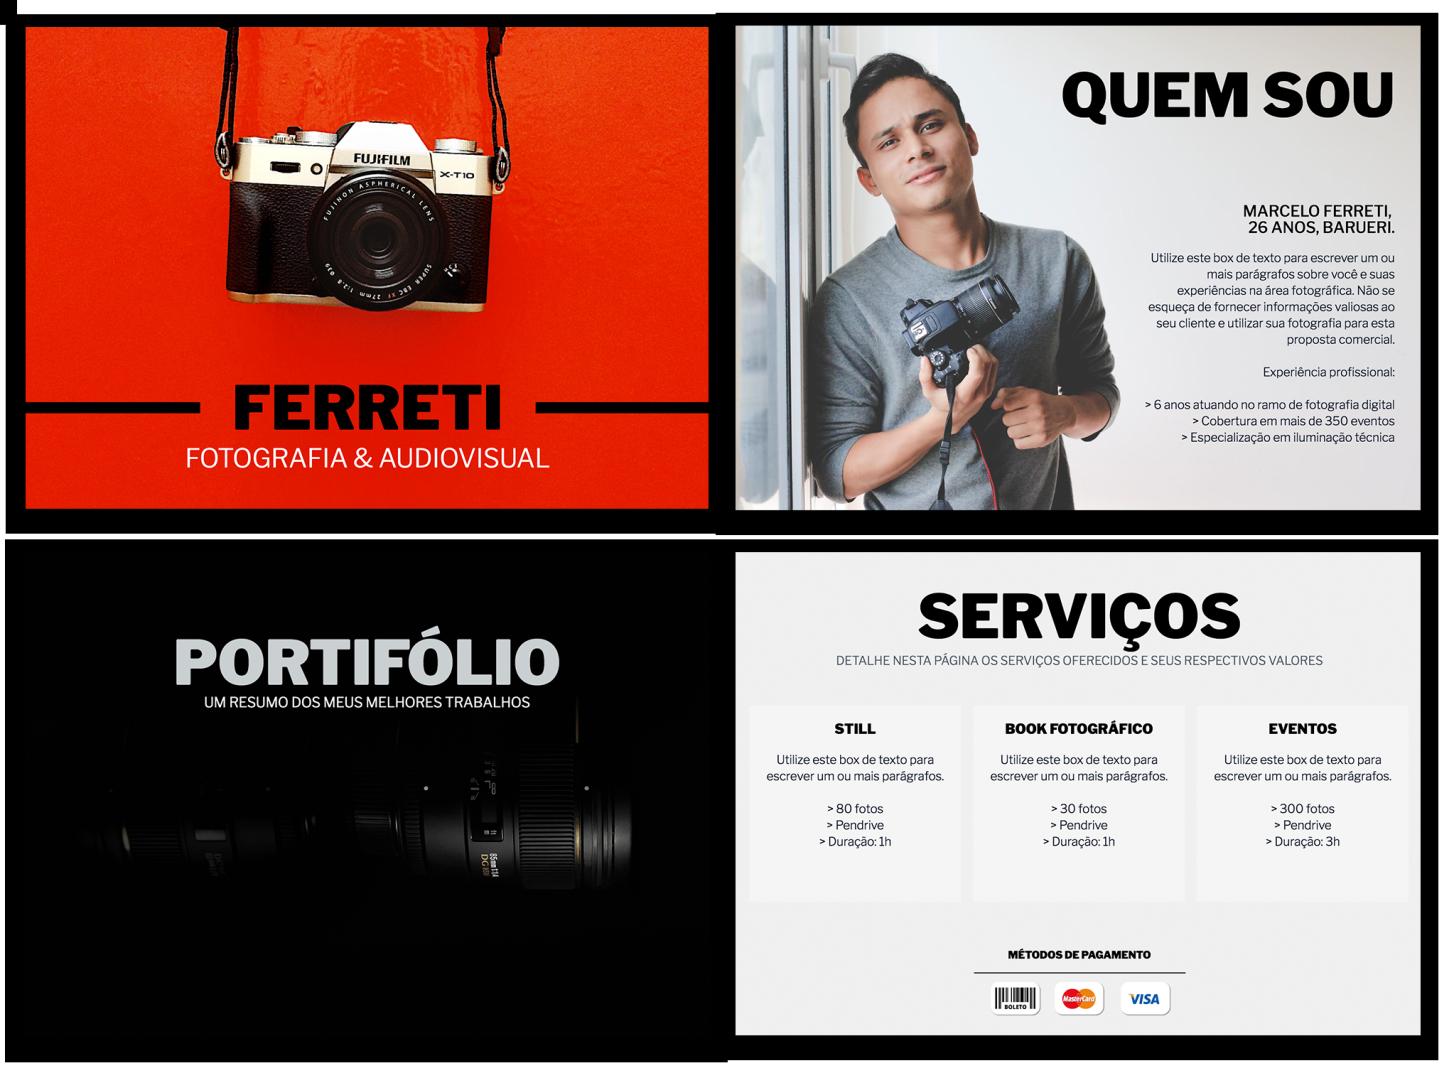 fotografo proposta trakto - Proposta de prestação de serviços : 10 formatos e modelos que fecham vendas